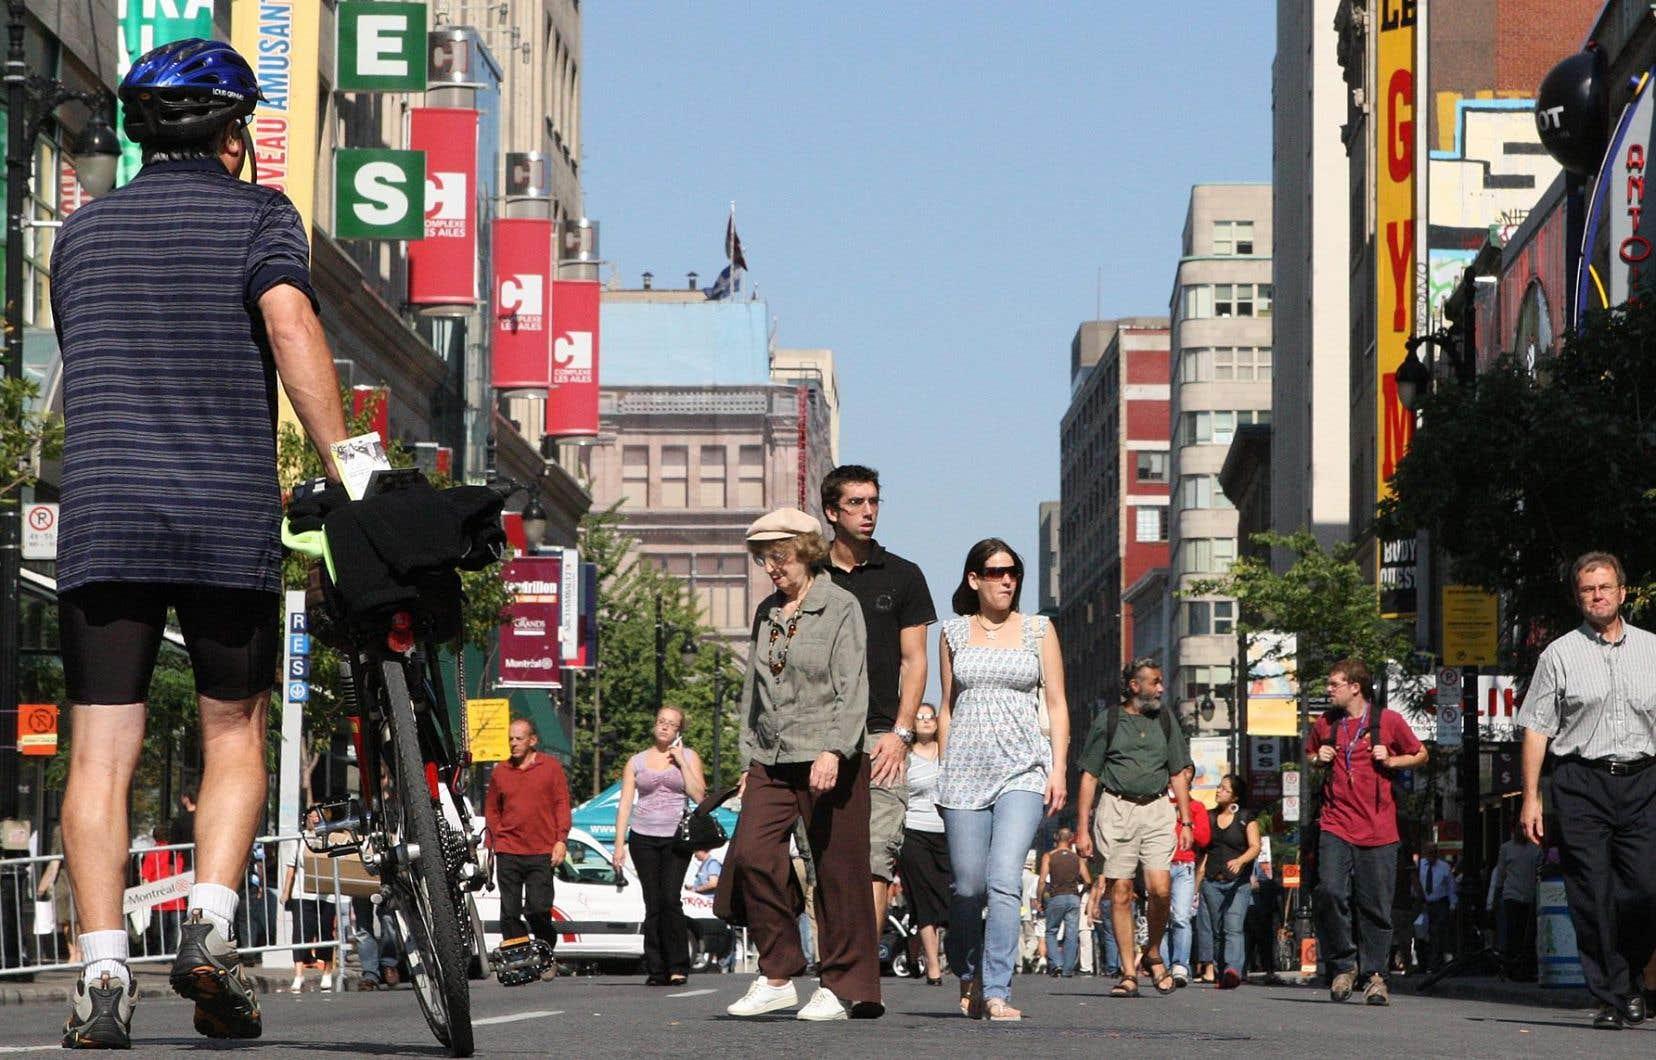 La rue Sainte-Catherine Ouest, entre les rues Metcalfe et Atwater, sera interdite aux voitures pendant les fins de semaine de l'été à compter du 19juin.